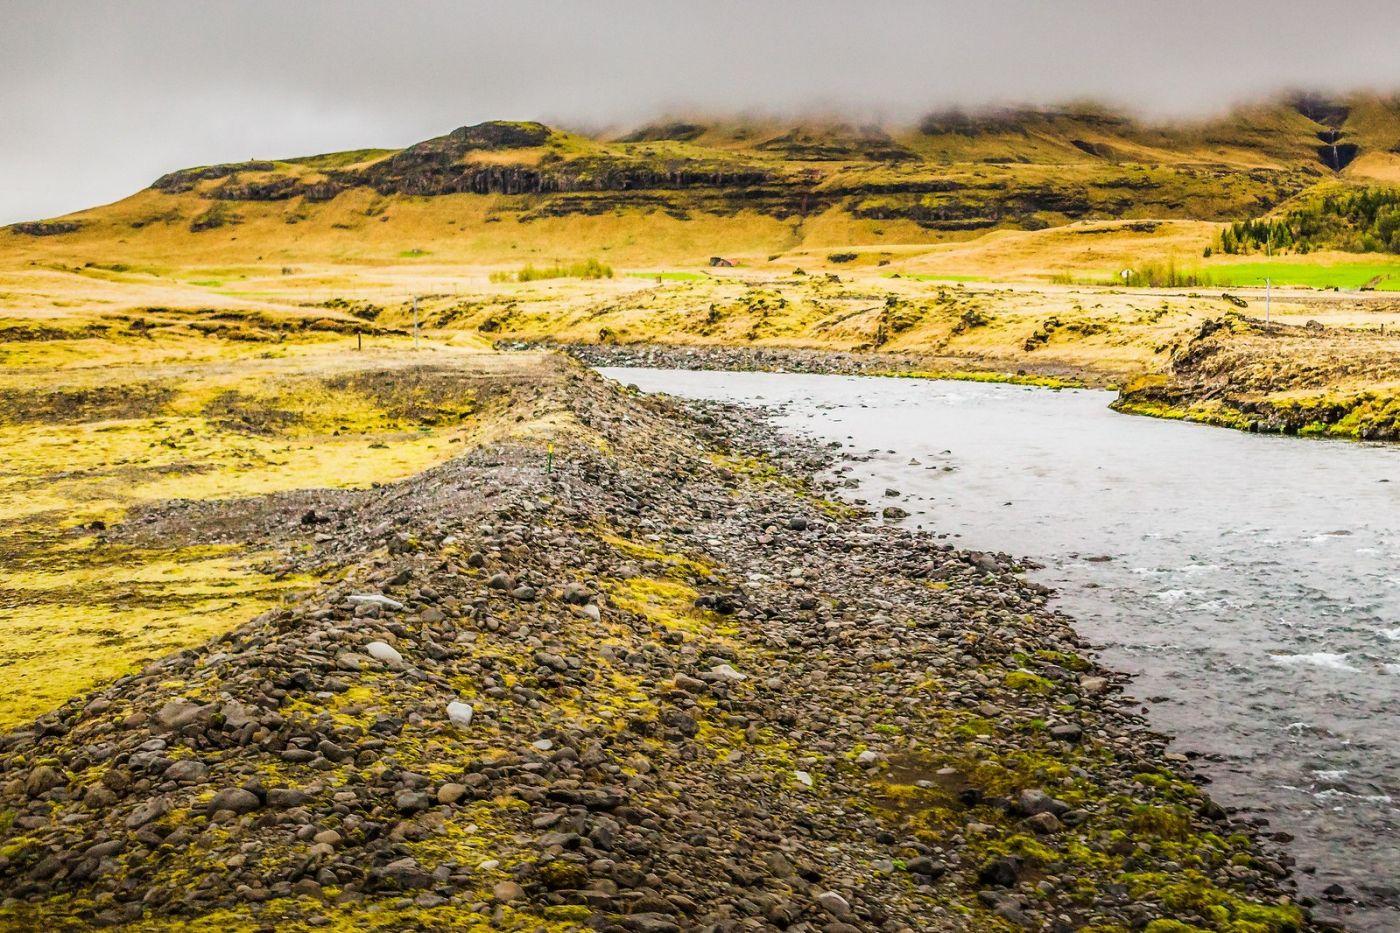 冰岛风采,那一片水景_图1-34